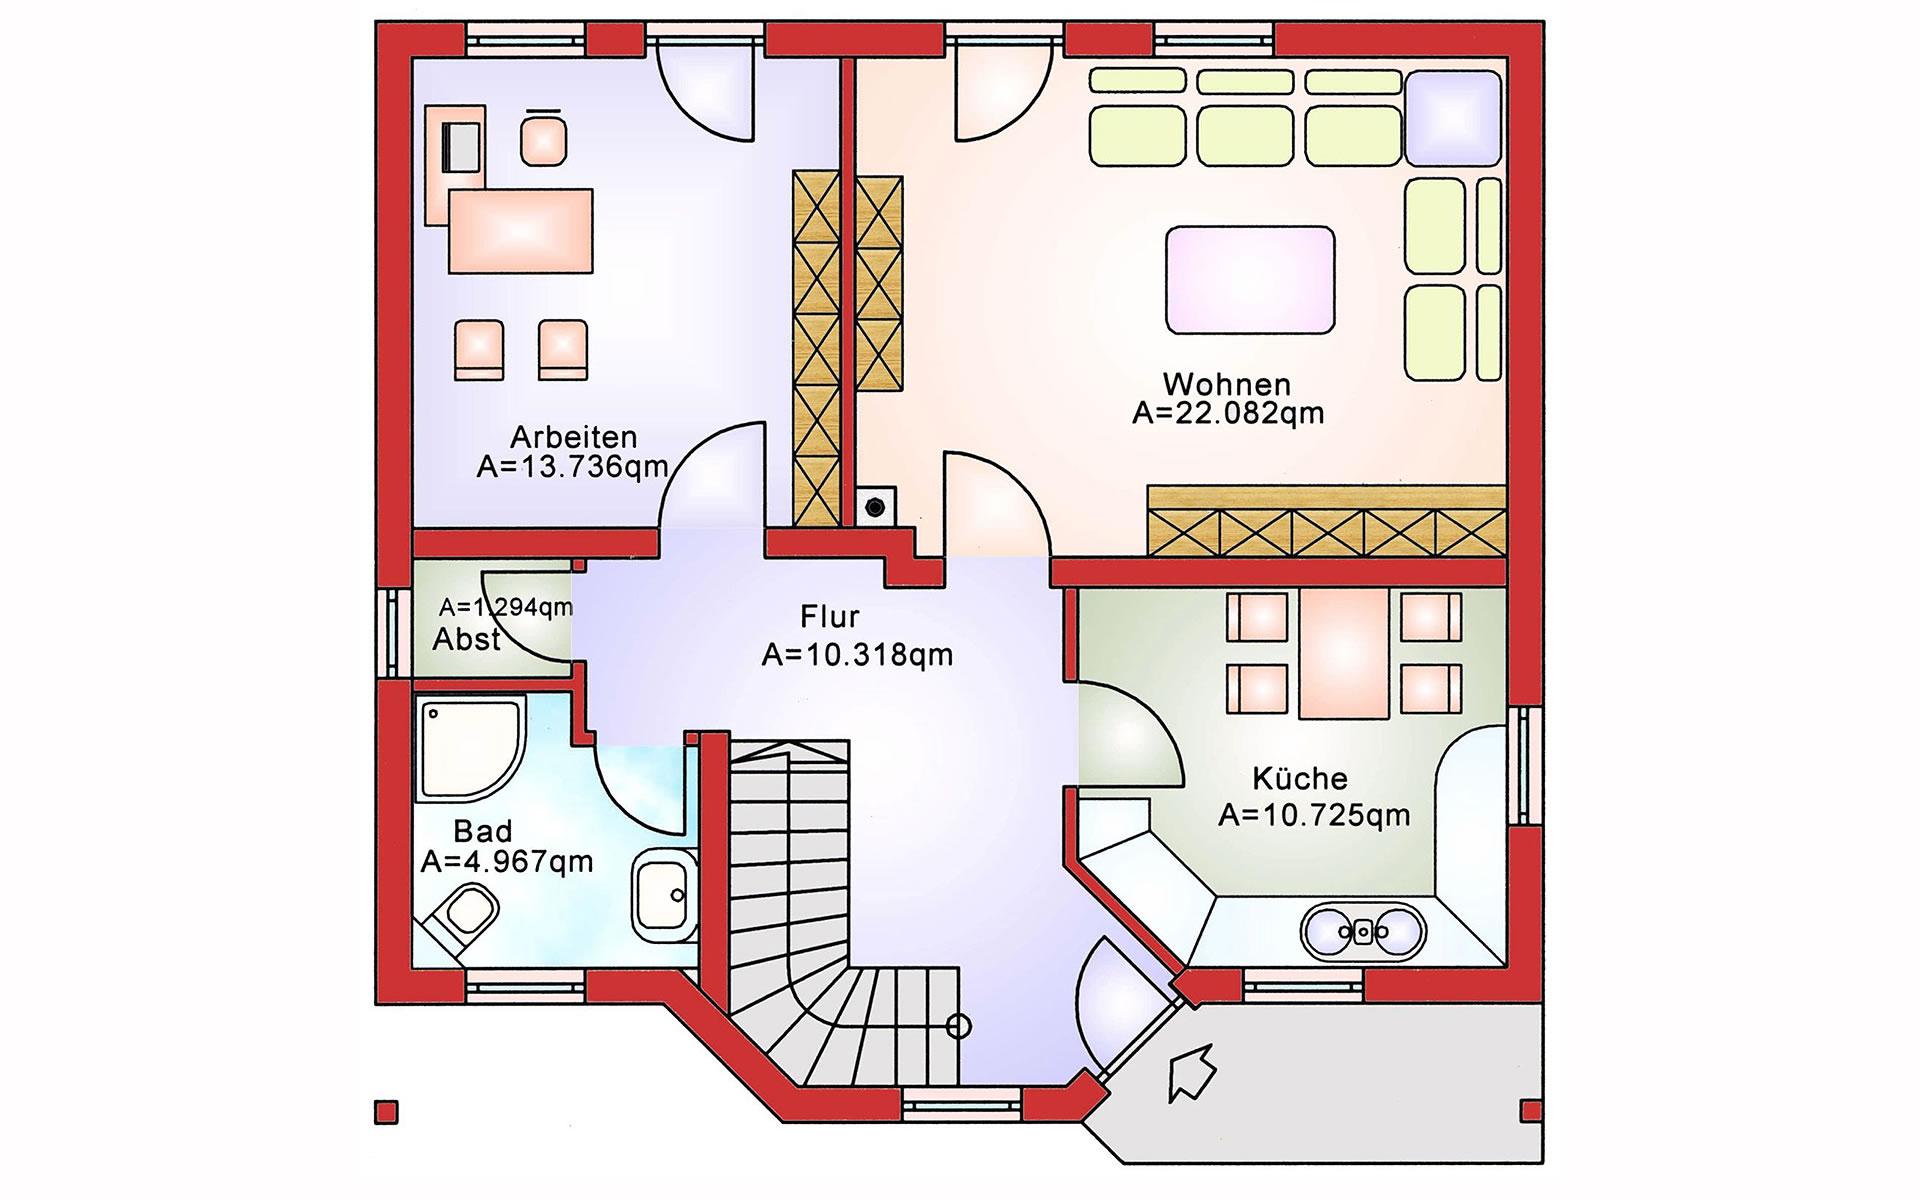 Erdgeschoss Basic BS 112 von B&S Selbstbausysteme GmbH & Co. KG